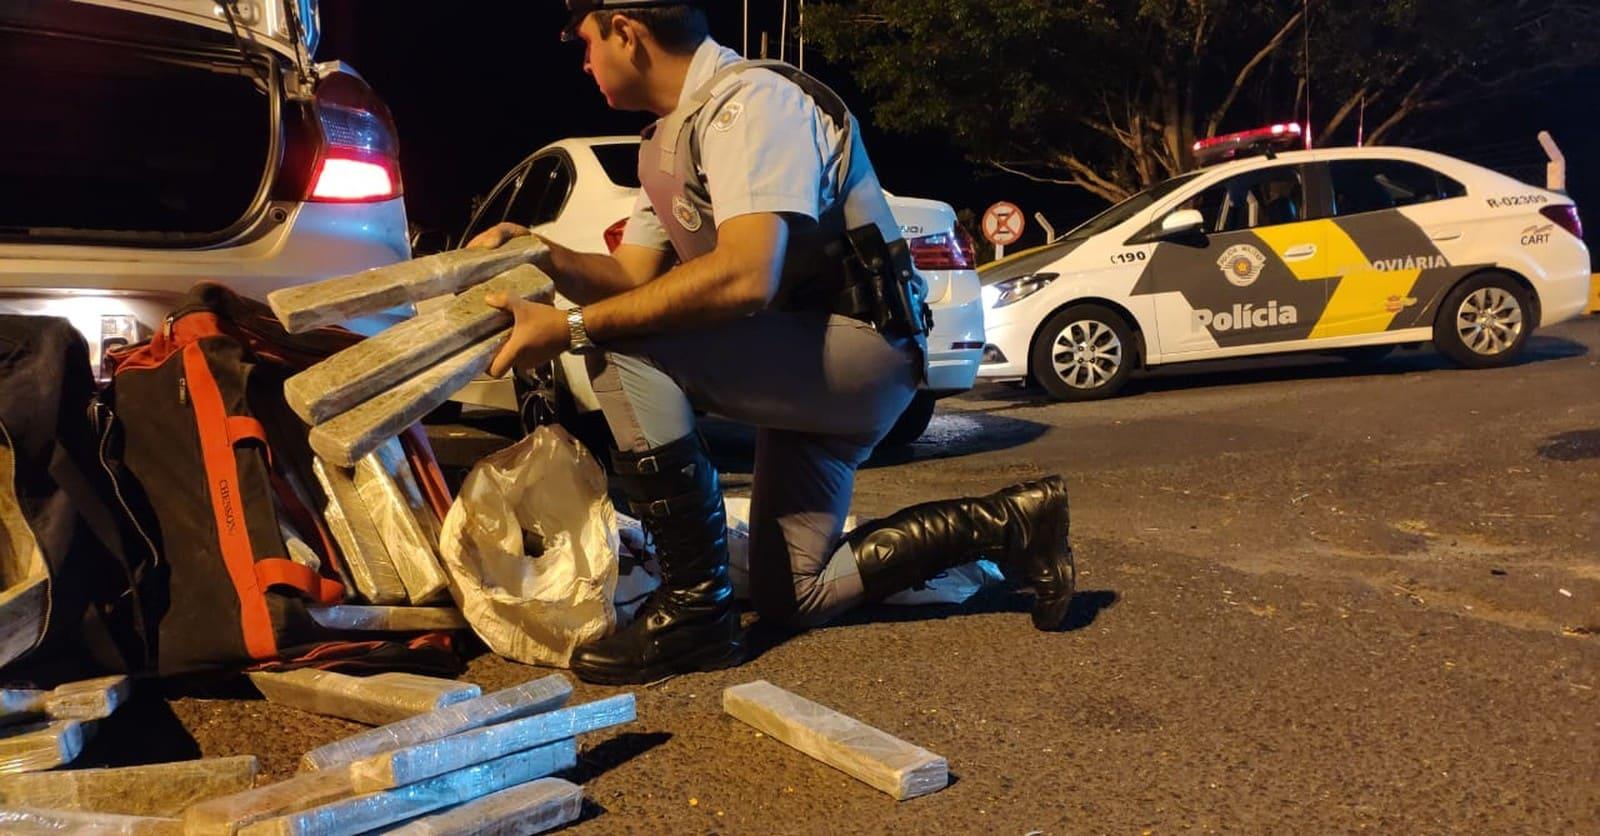 Polícia Rodoviária apreende cerca de 150 kg de maconha na Raposo Tavares em Assis — Foto: Polícia Rodoviária/Divulgação